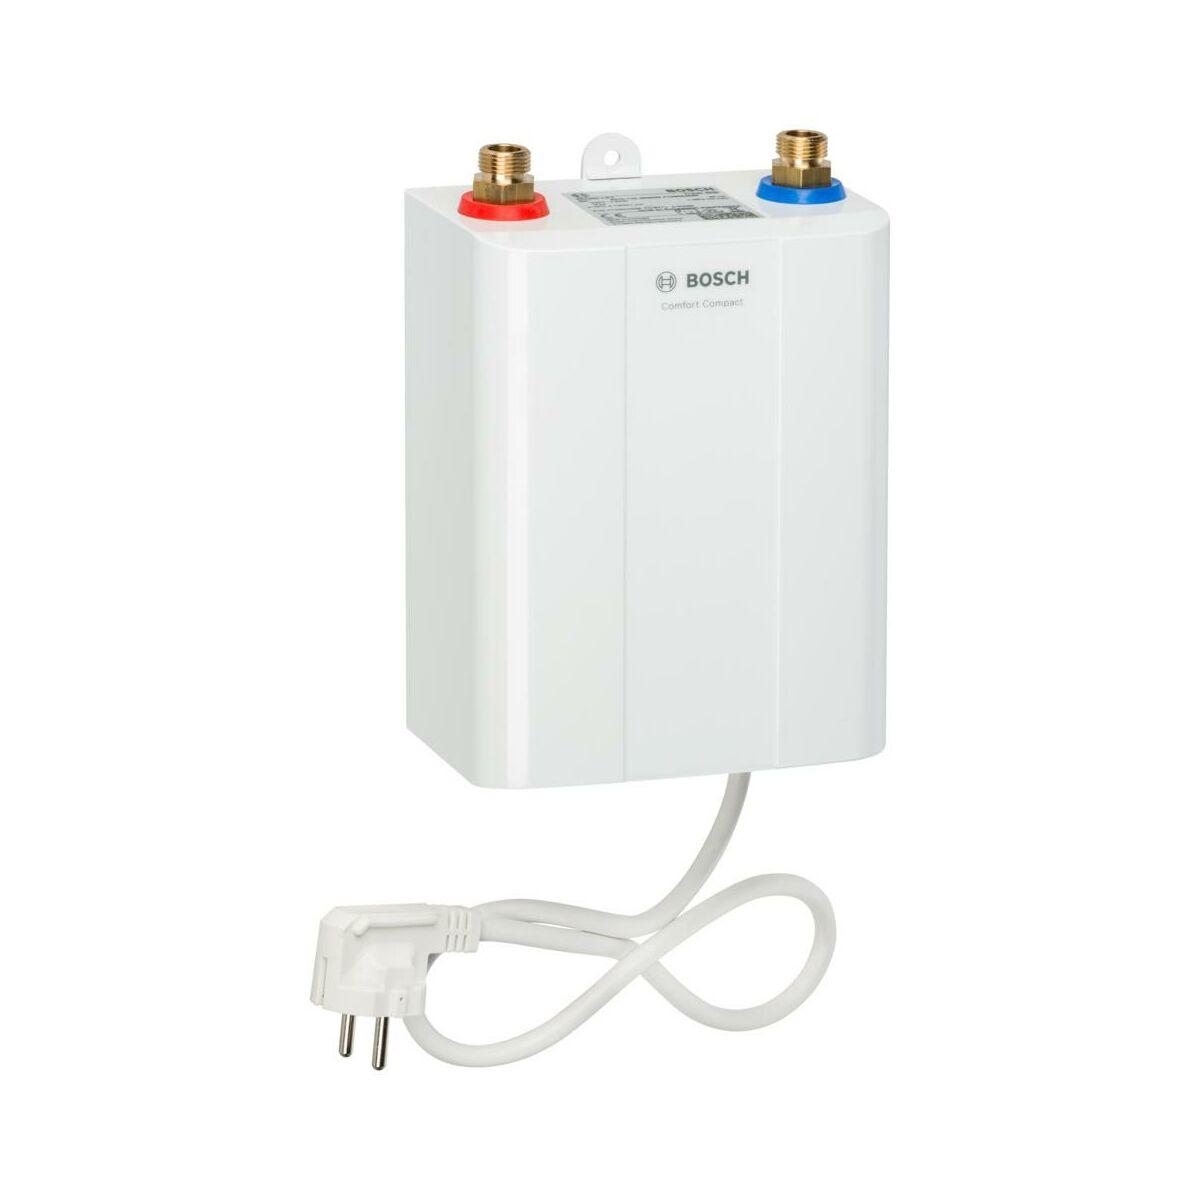 Elektryczny Przeplywowy Ogrzewacz Wody Tr4000 6 Kw Et Bosch Ogrzewacze Przeplywowe W Atrakcyjnej Cenie W Sklepach Leroy Merlin